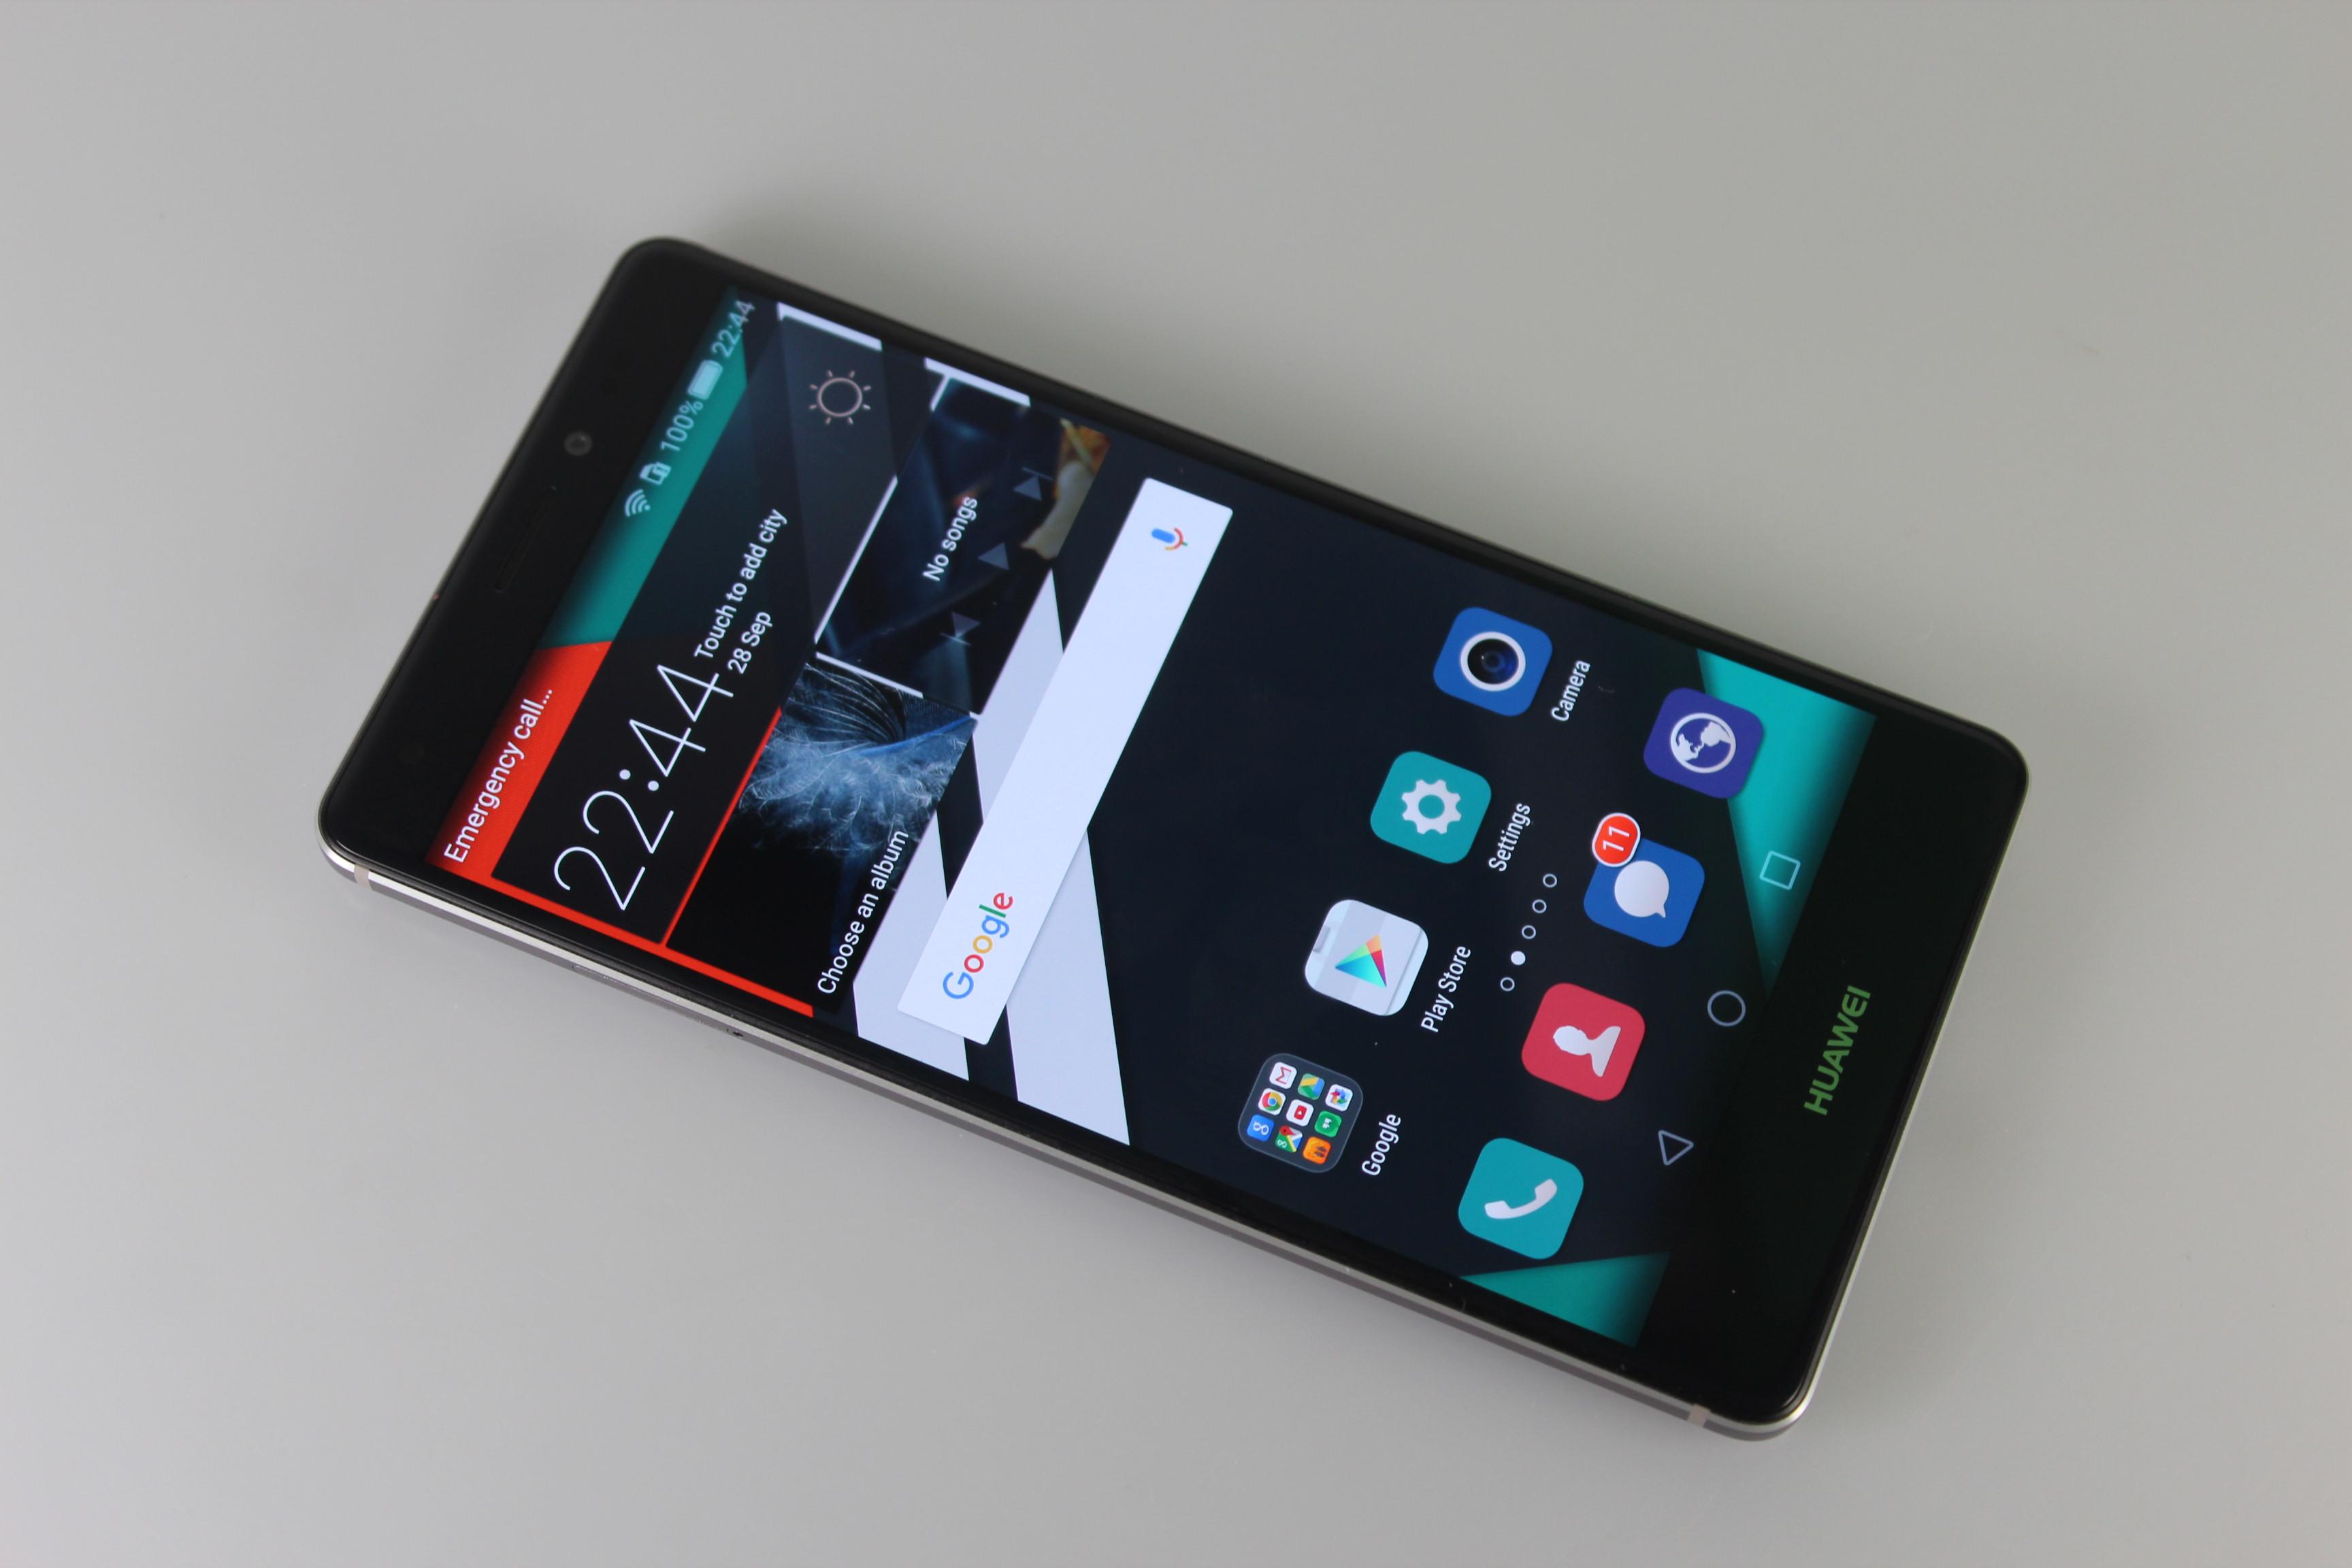 Huawei-Mate-S (13)